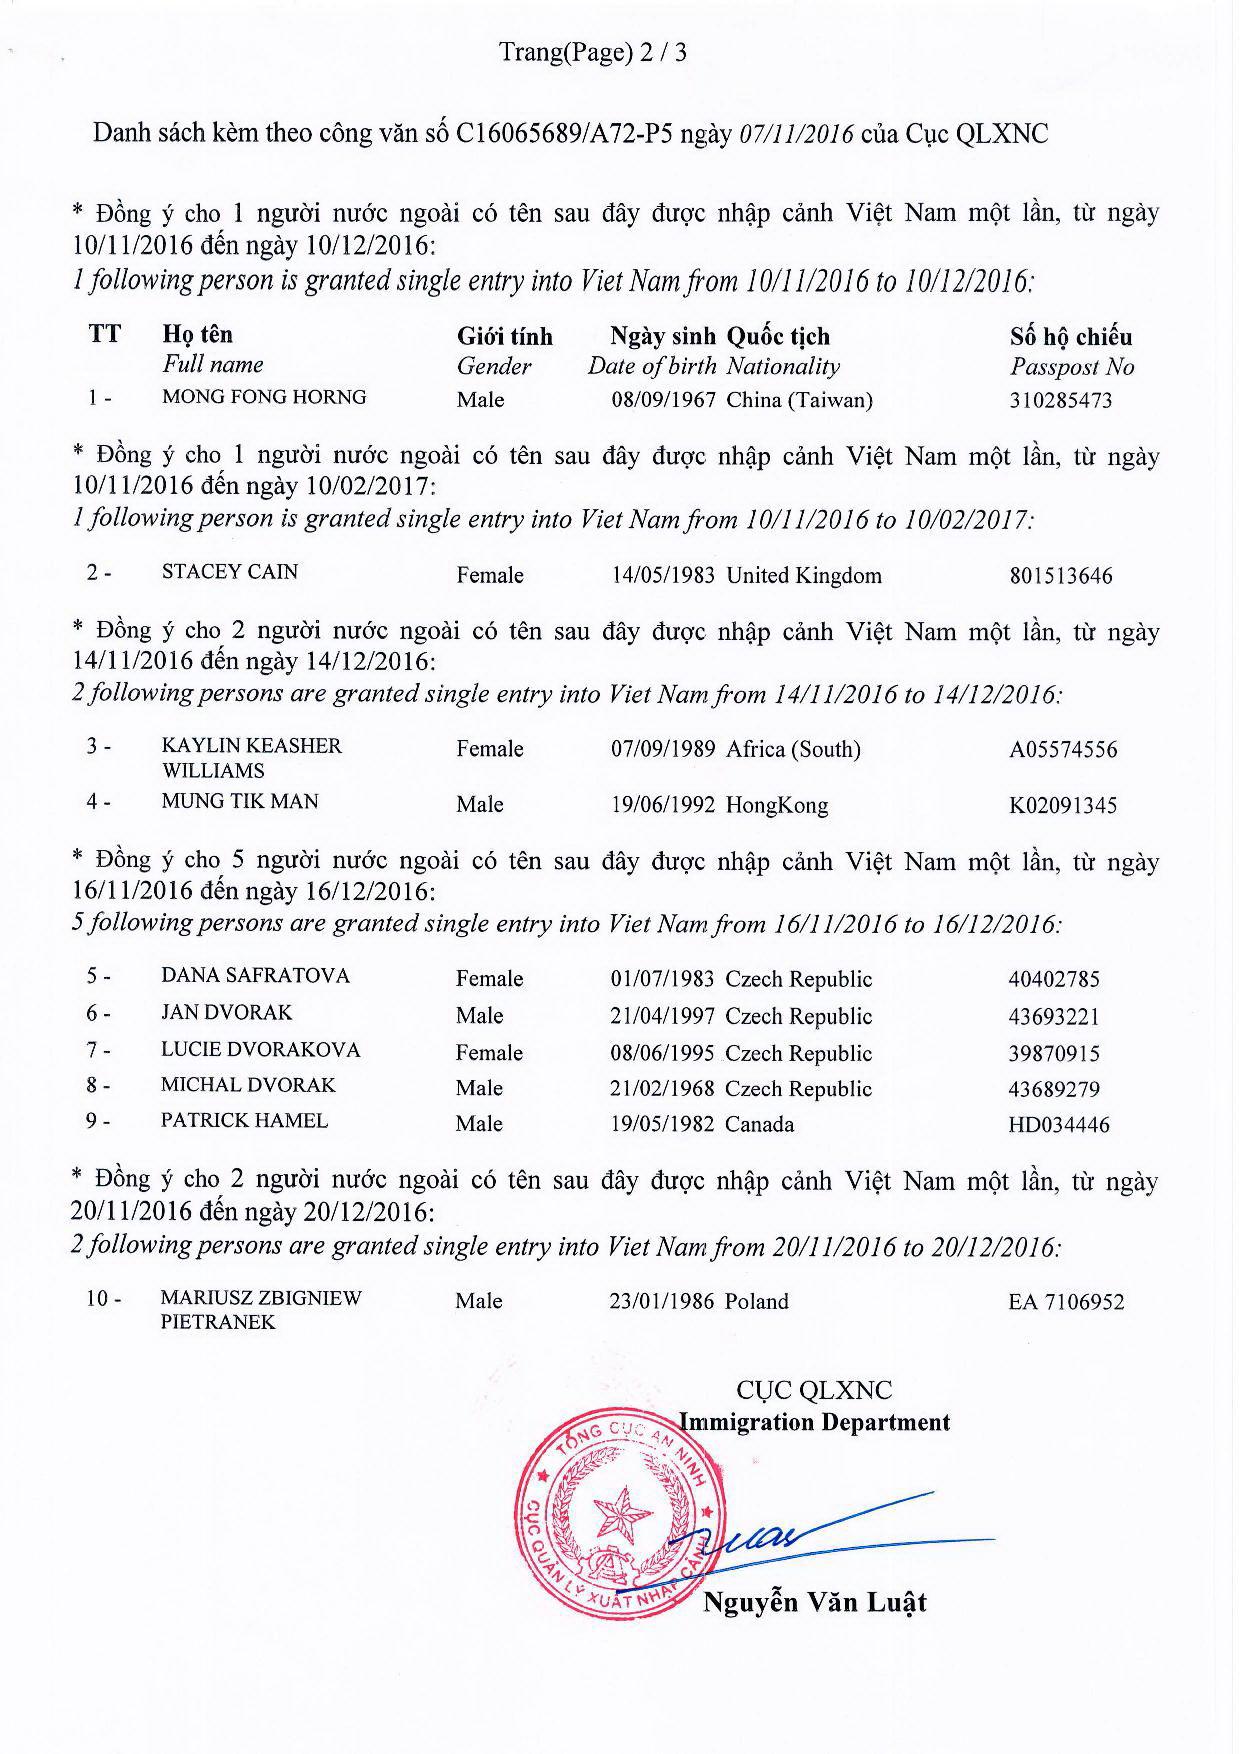 приглашение во вьетнам как выглядит